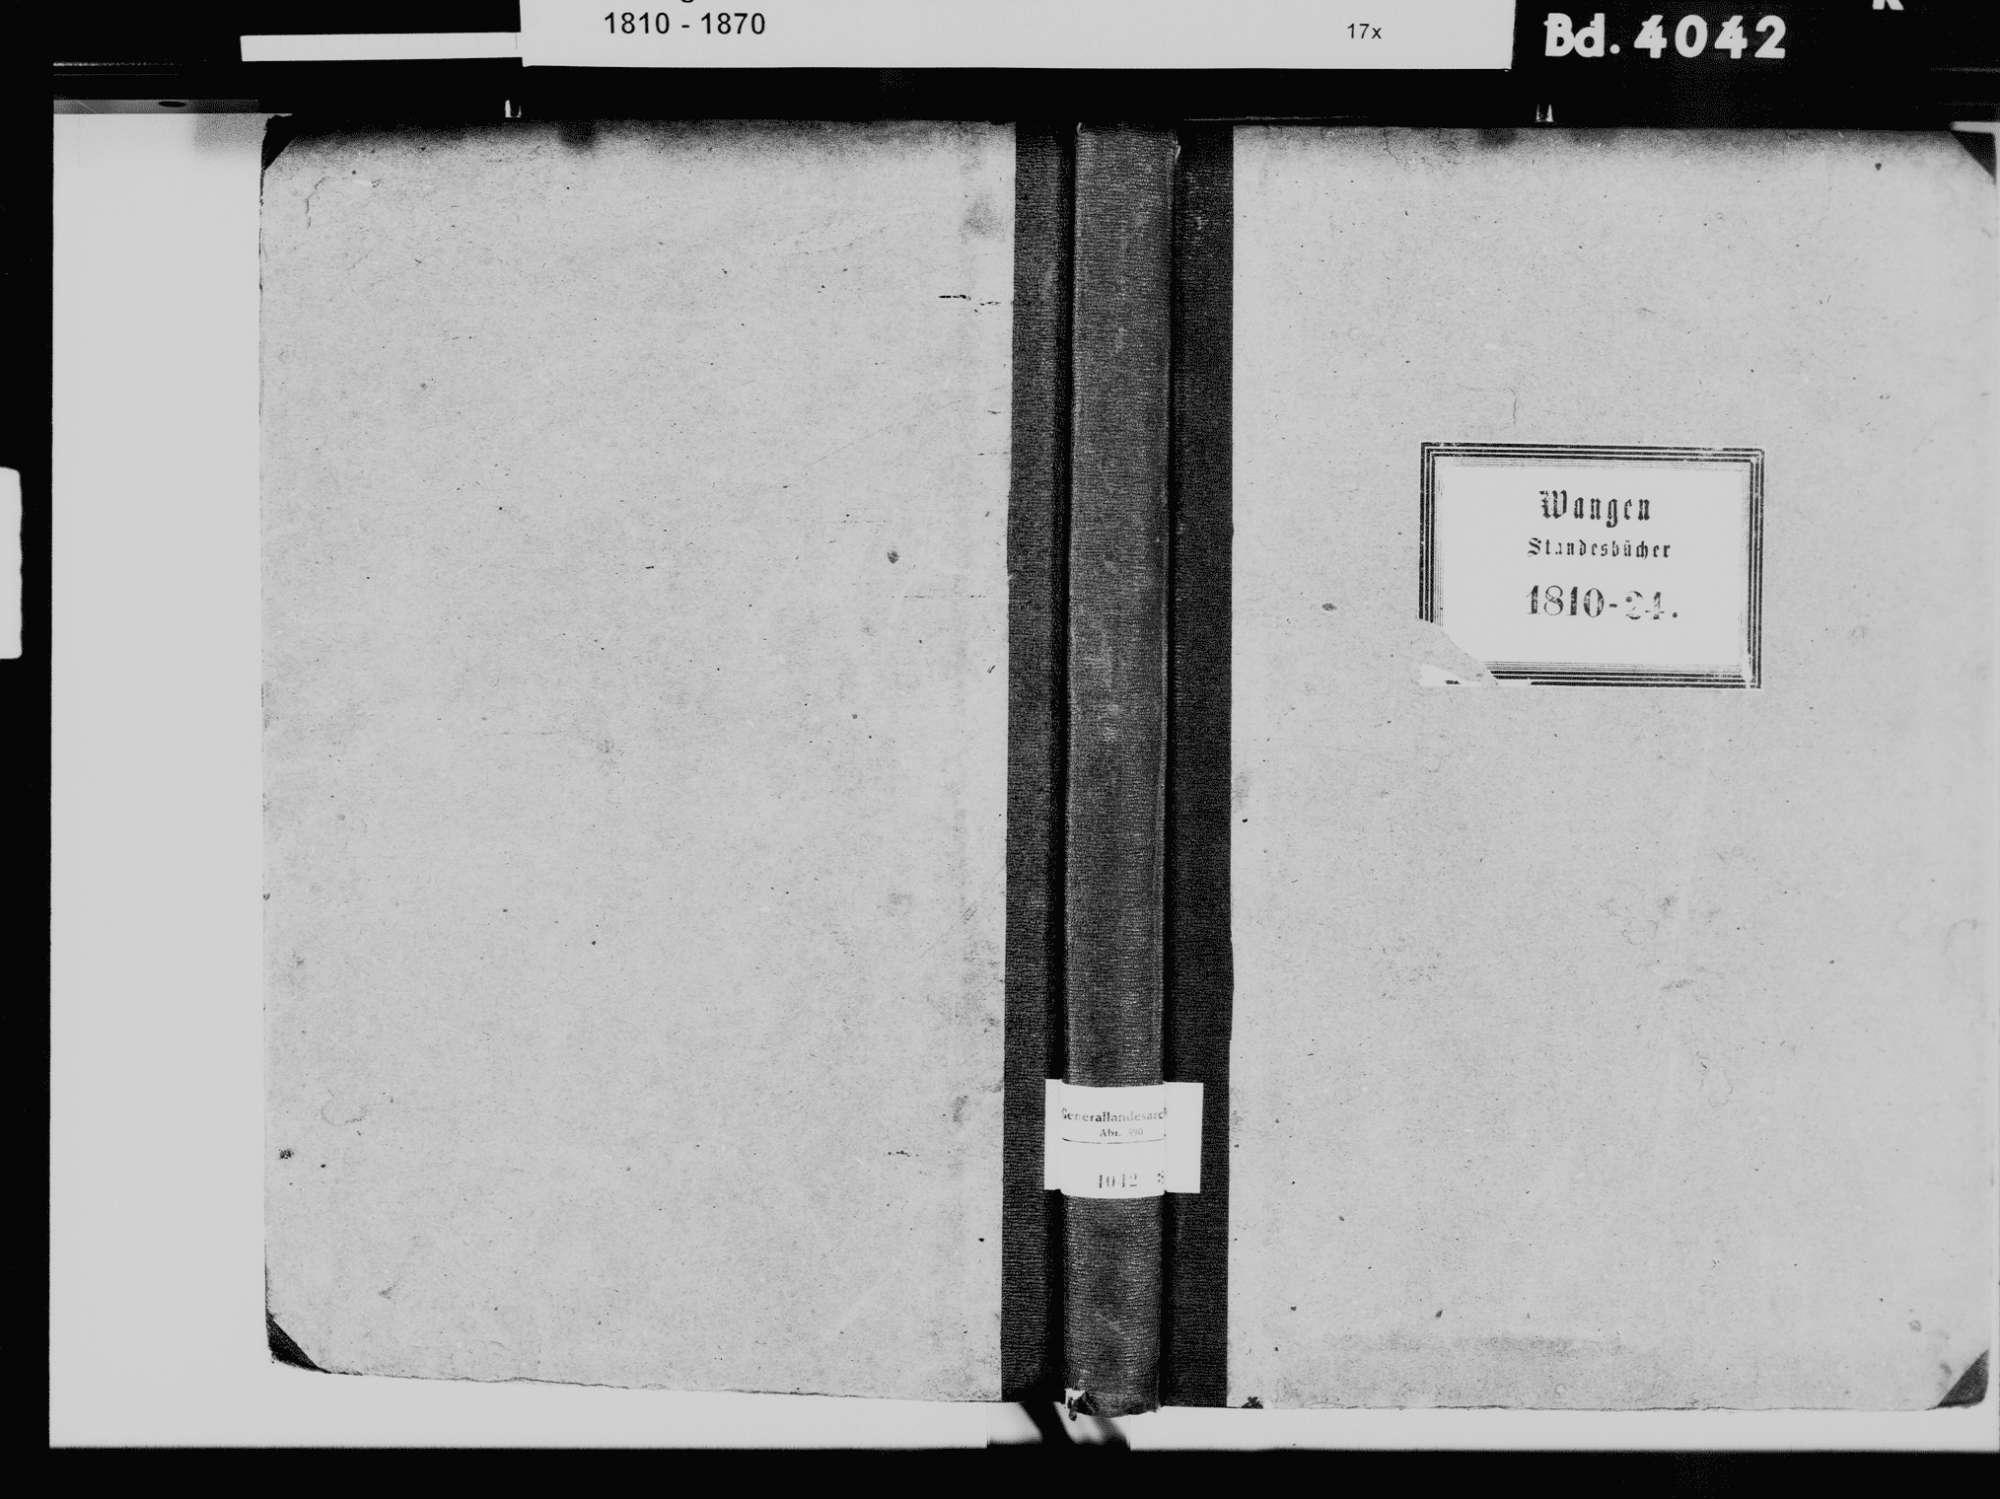 Wangen, Öhningen KN; Katholische Gemeinde: Standesbuch 1810-1824 Wangen, Öhningen KN; Evangelische Gemeinde: Standesbuch 1810-1824, Bild 2